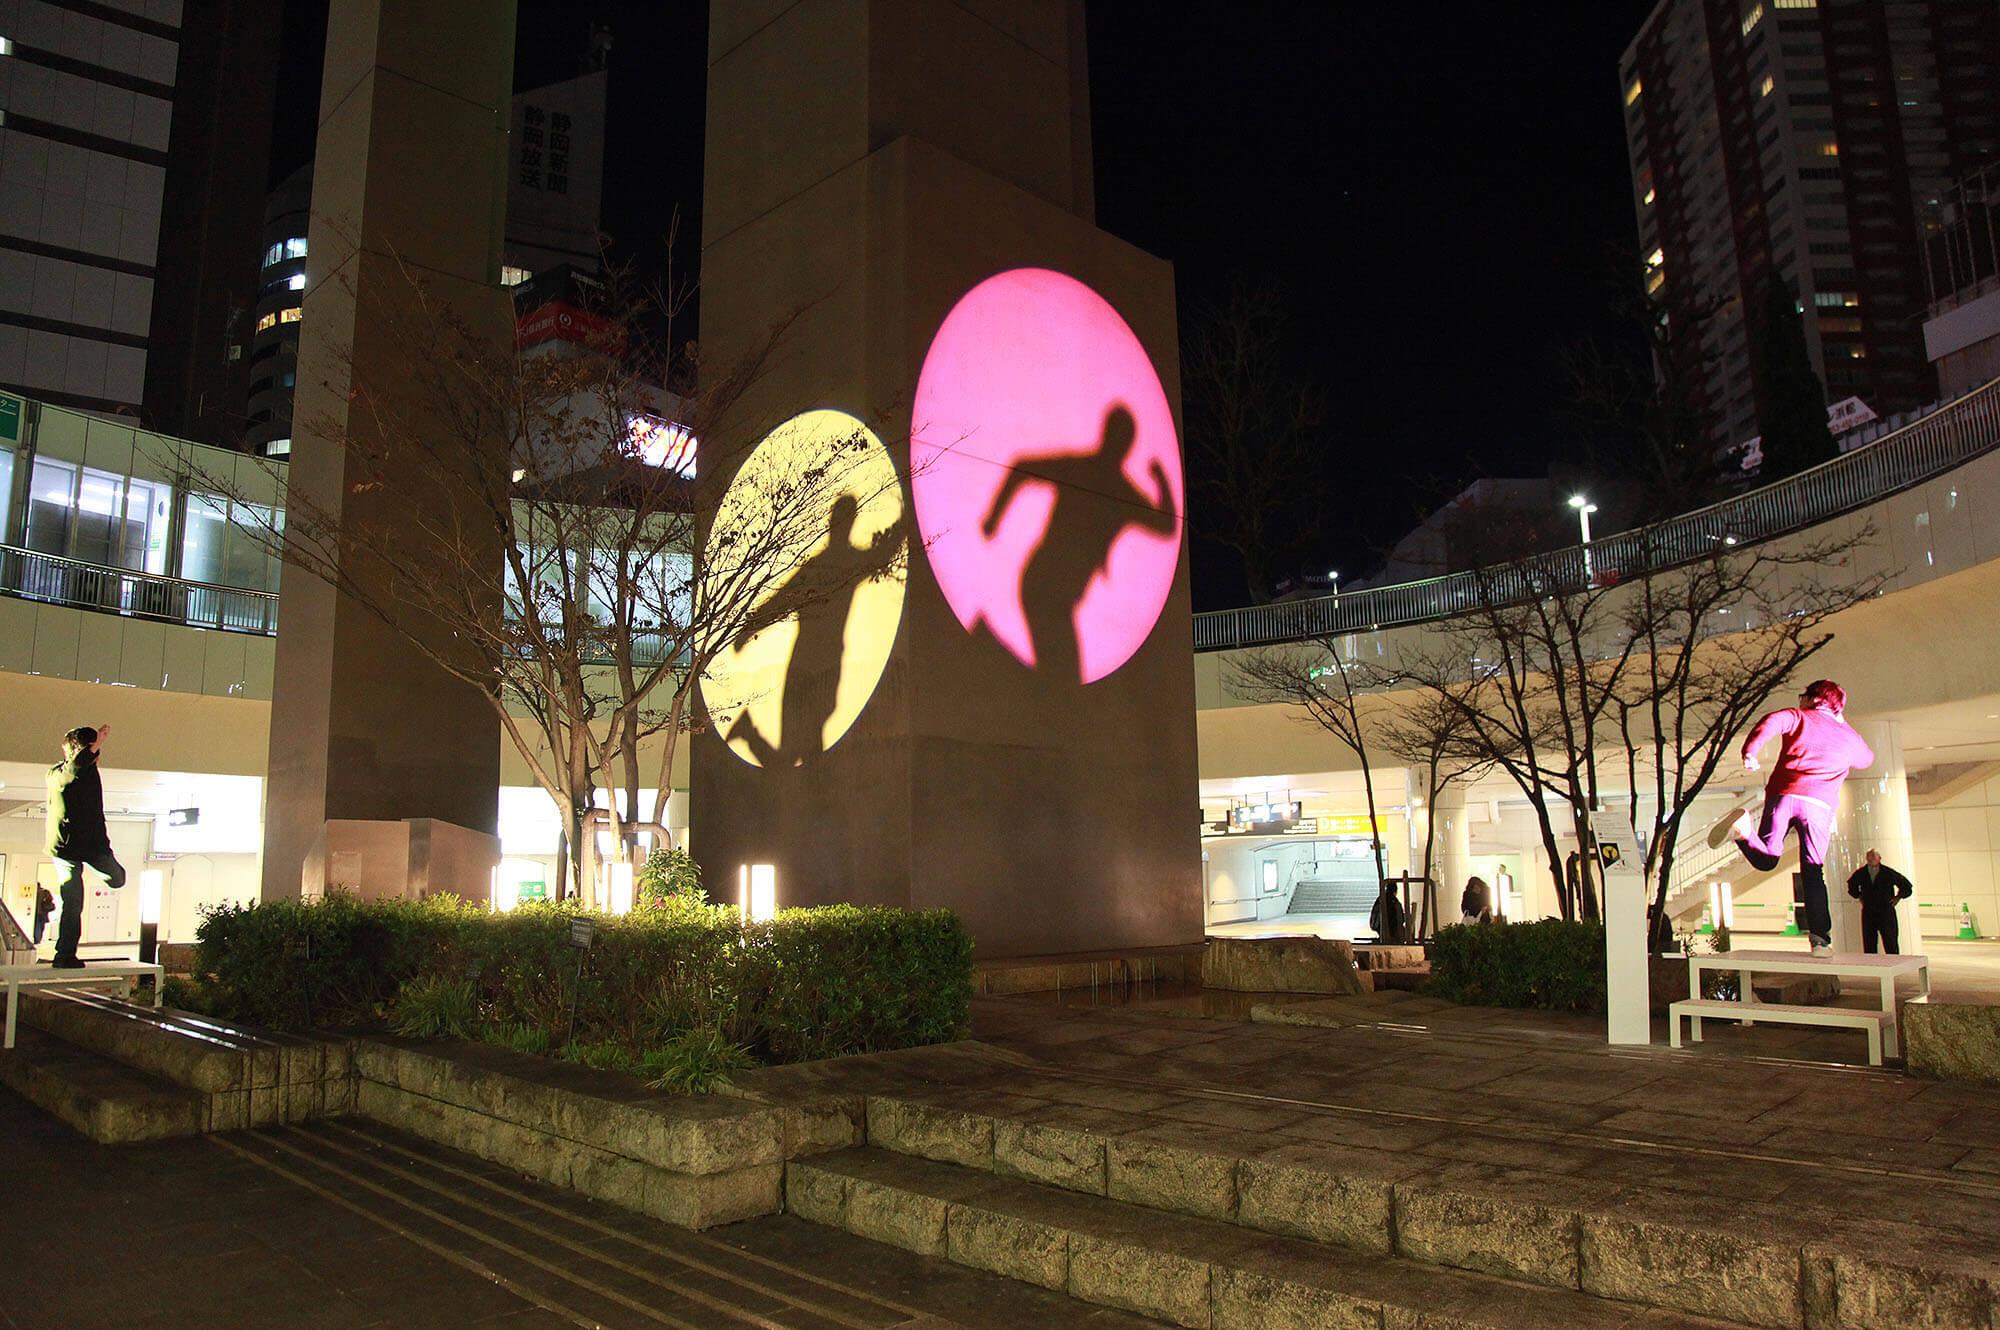 浜松まちなかアート 高橋匡太|offsociety inc. Hamamatsu Machinaka Art | Kyota Takahashi 現代美術・アート Contemporary Art